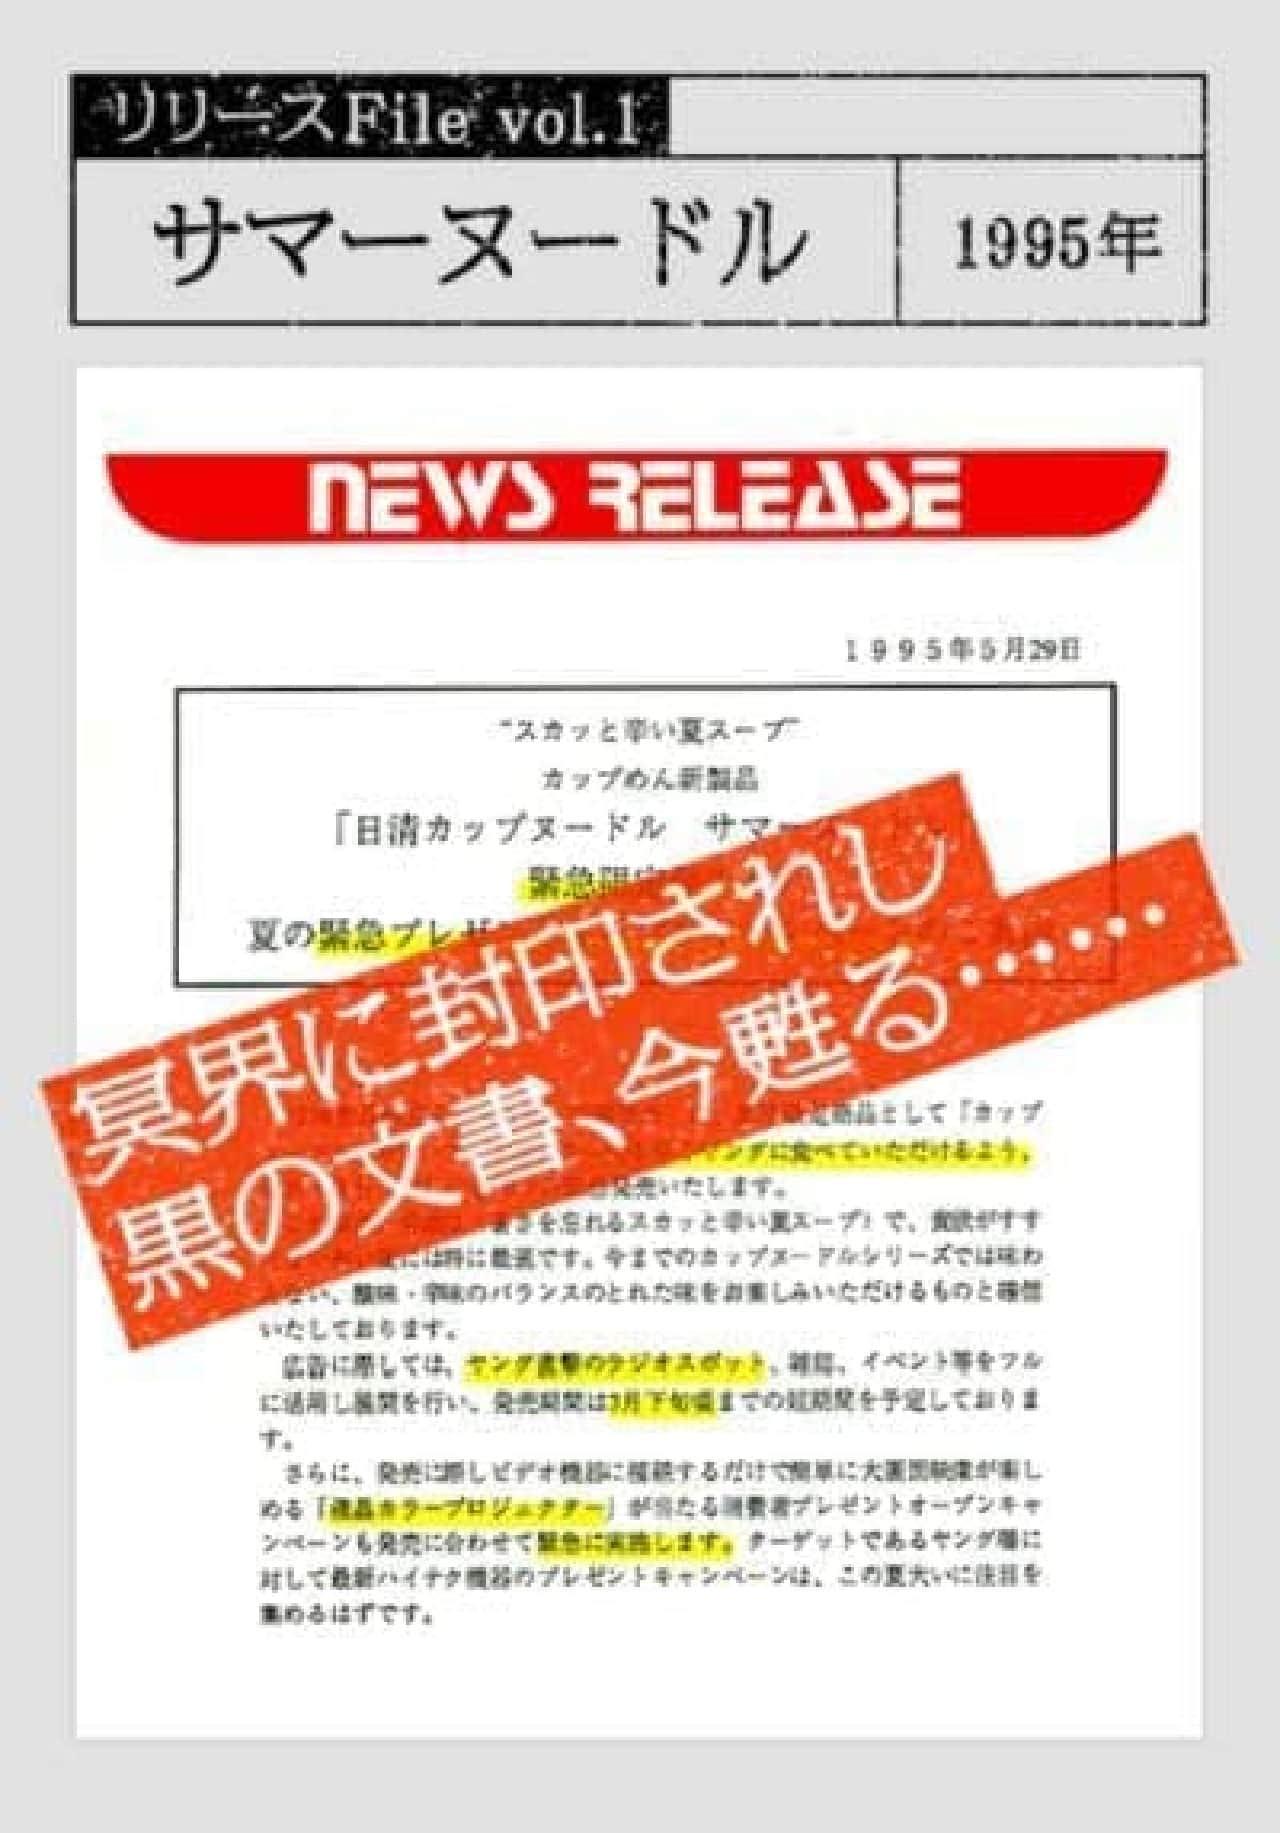 「今度こそ売れて欲しい!!黒歴史トリオ」では、実際に配信されたニュースリリースが公開される